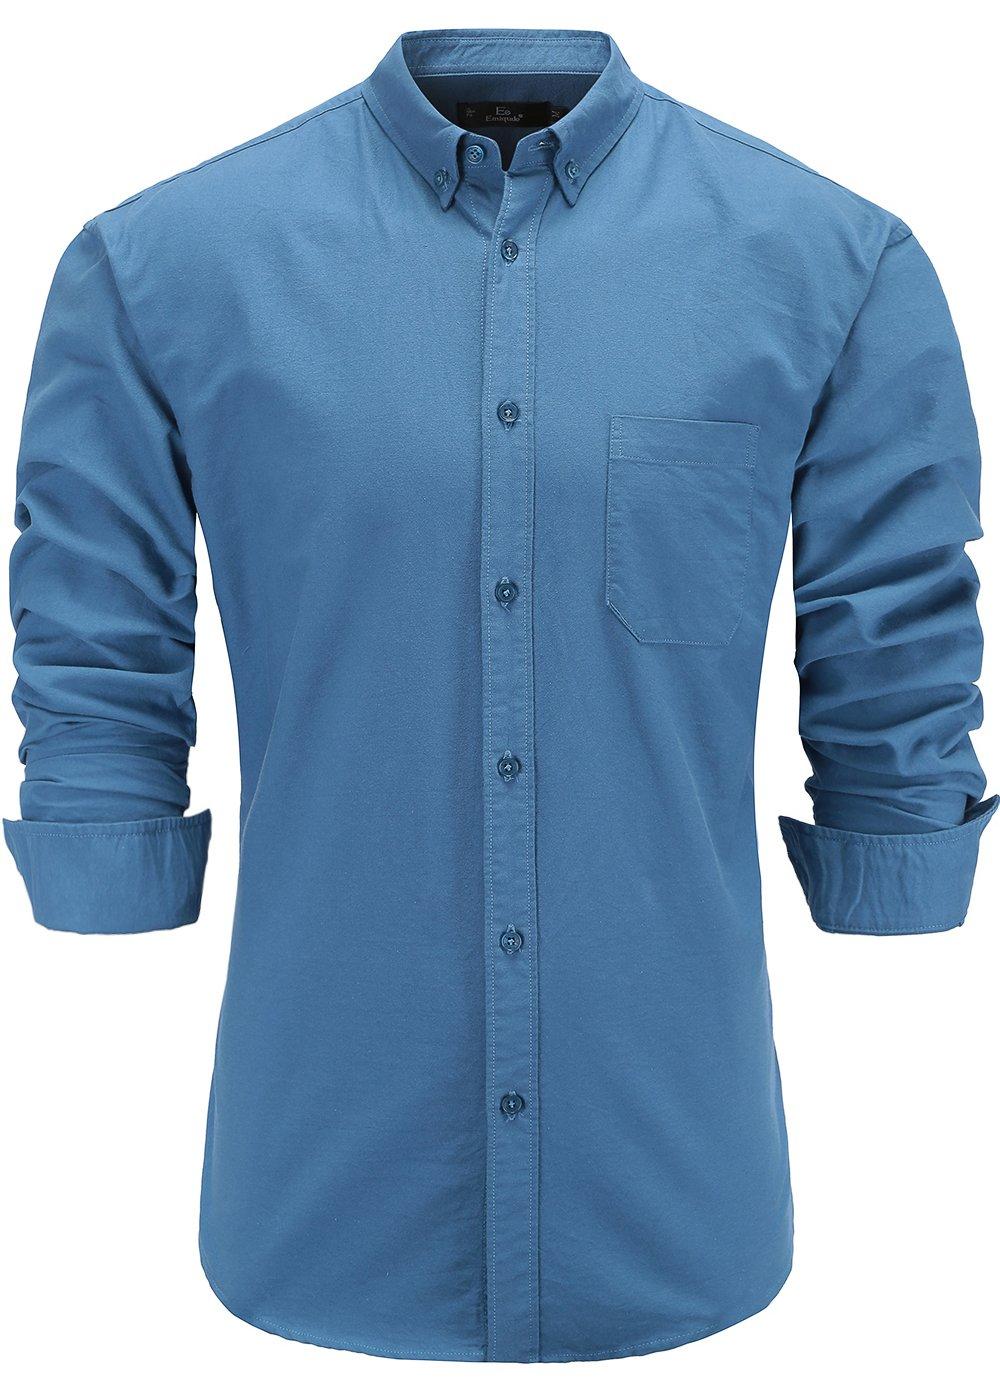 Emiqude Men's 100% Oxford Cotton Slim Fit Long Sleeve Button Down Solid Dress Shirt Medium Blue